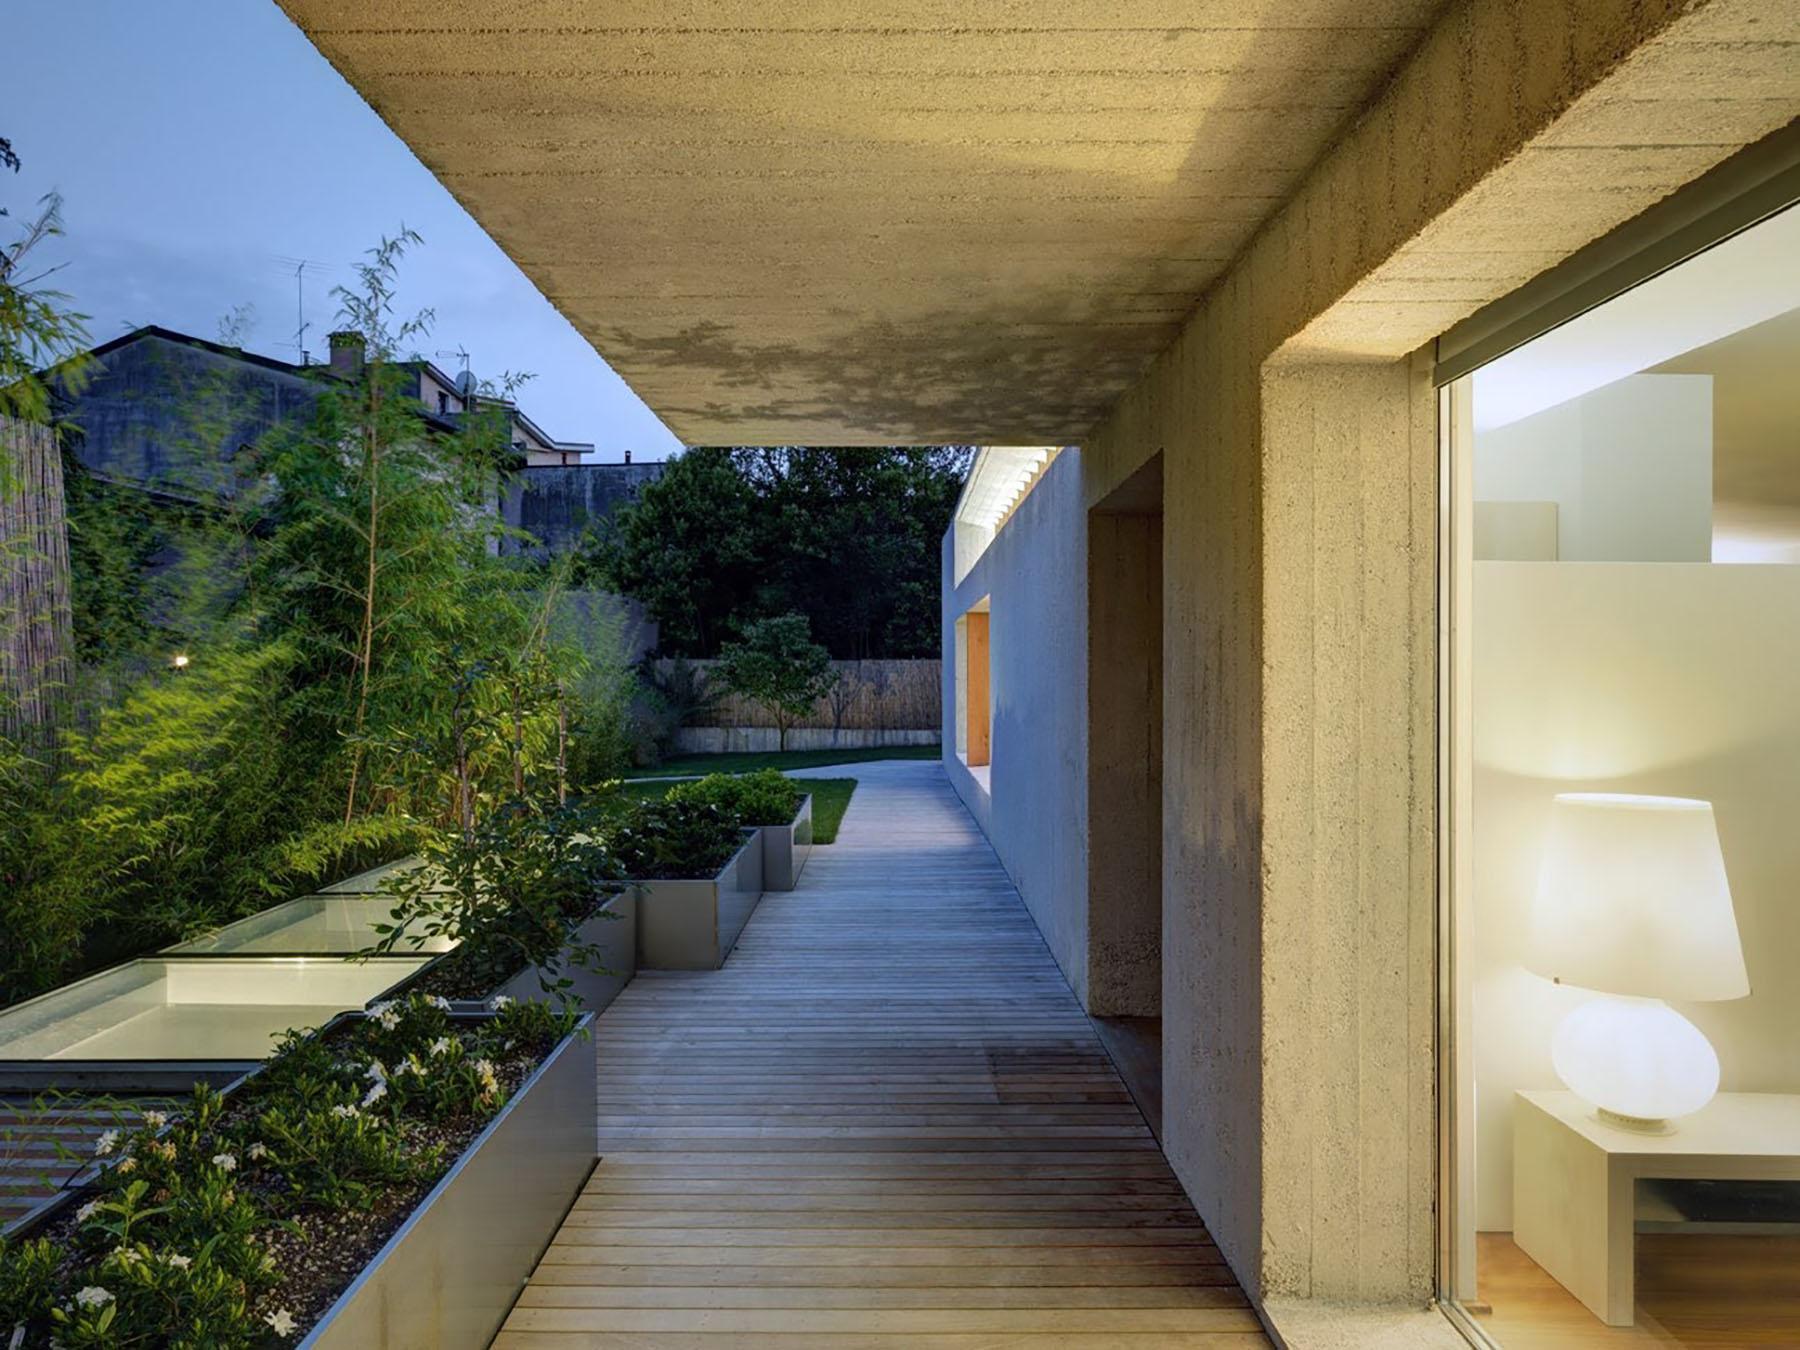 iGNANT-Architecture-Marco-Ortalli-Casa-Crb-005